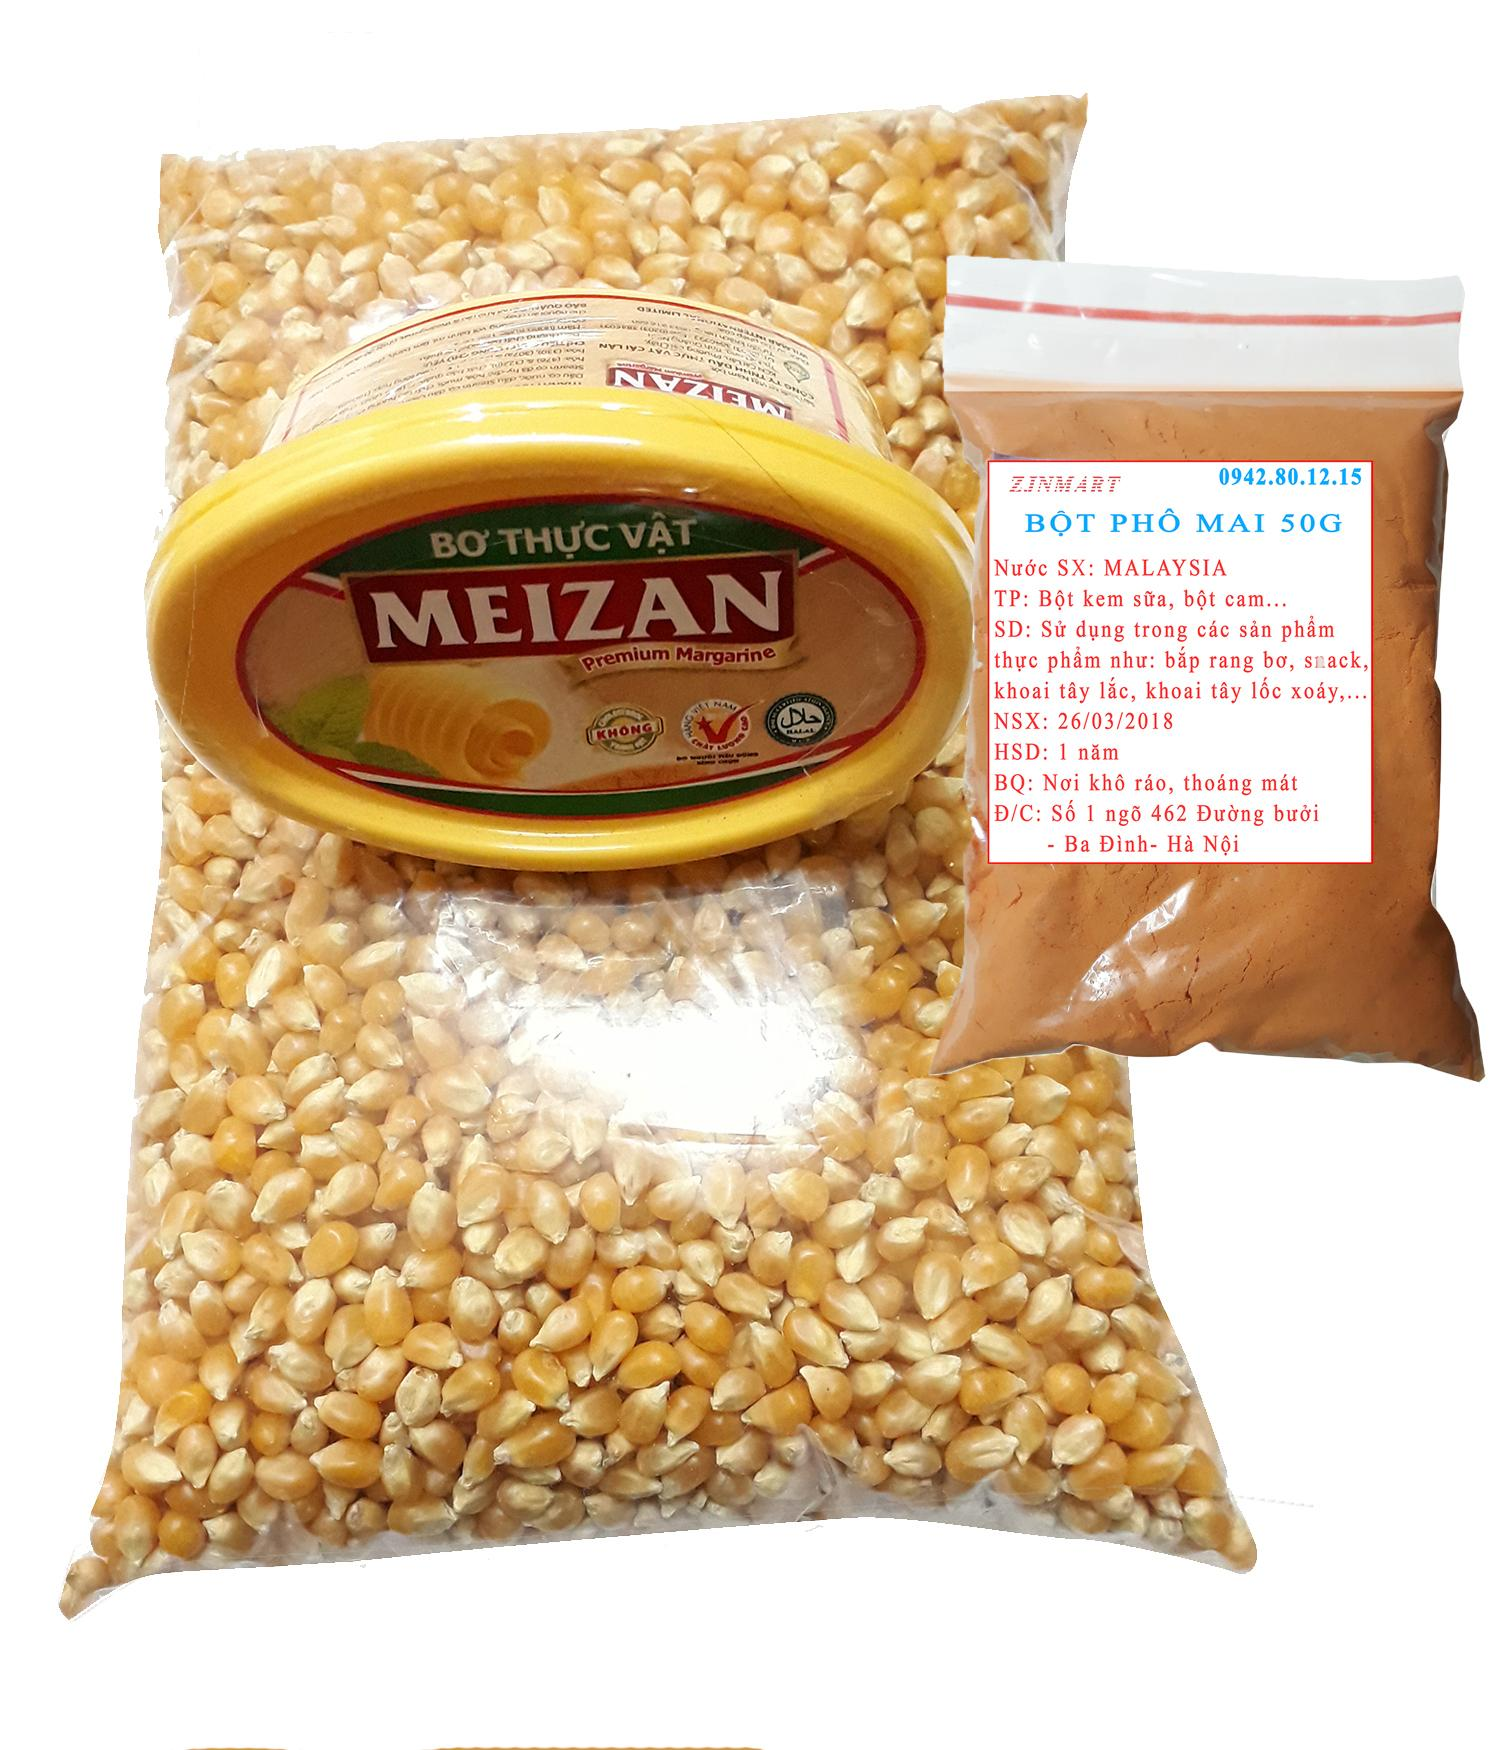 Hình ảnh Ngô mỹ 1kg+ bơ meizan 200g + 50g Phô mai bột nổ bắp rang bơ tại nhà